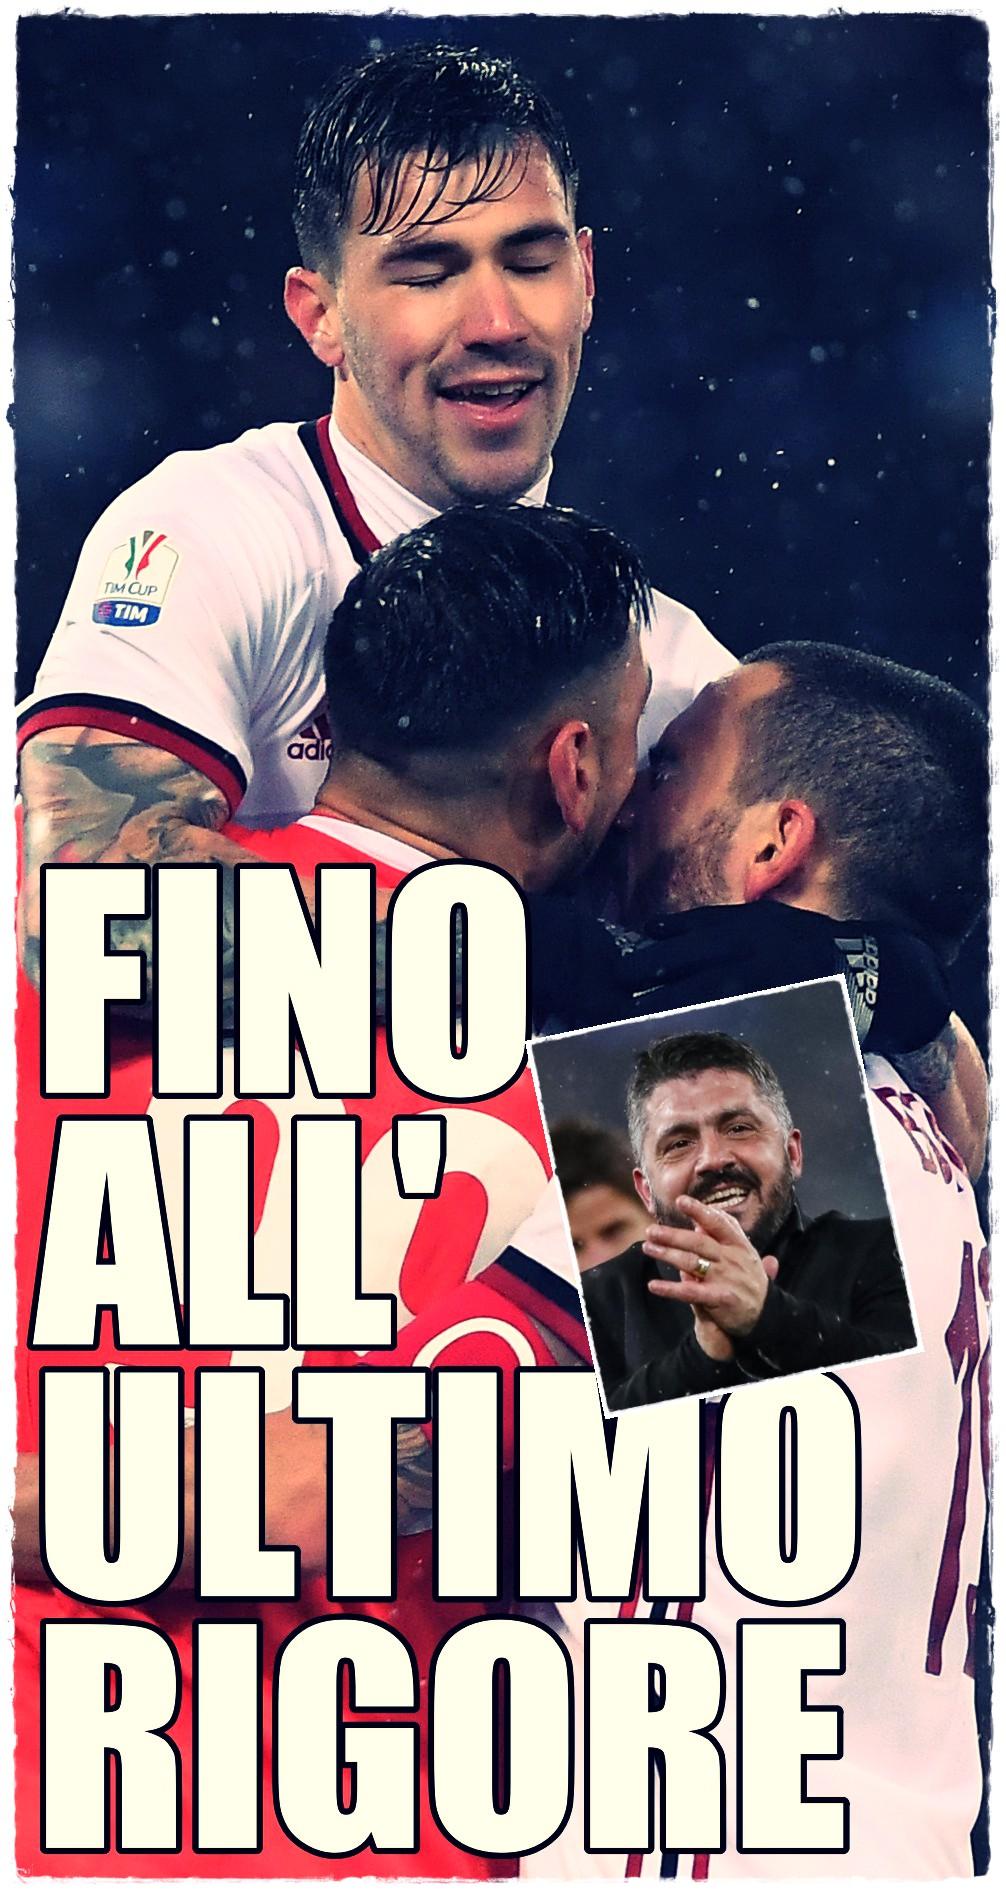 Coppa Italia Semi-final Second Leg - Lazio vs AC Milan